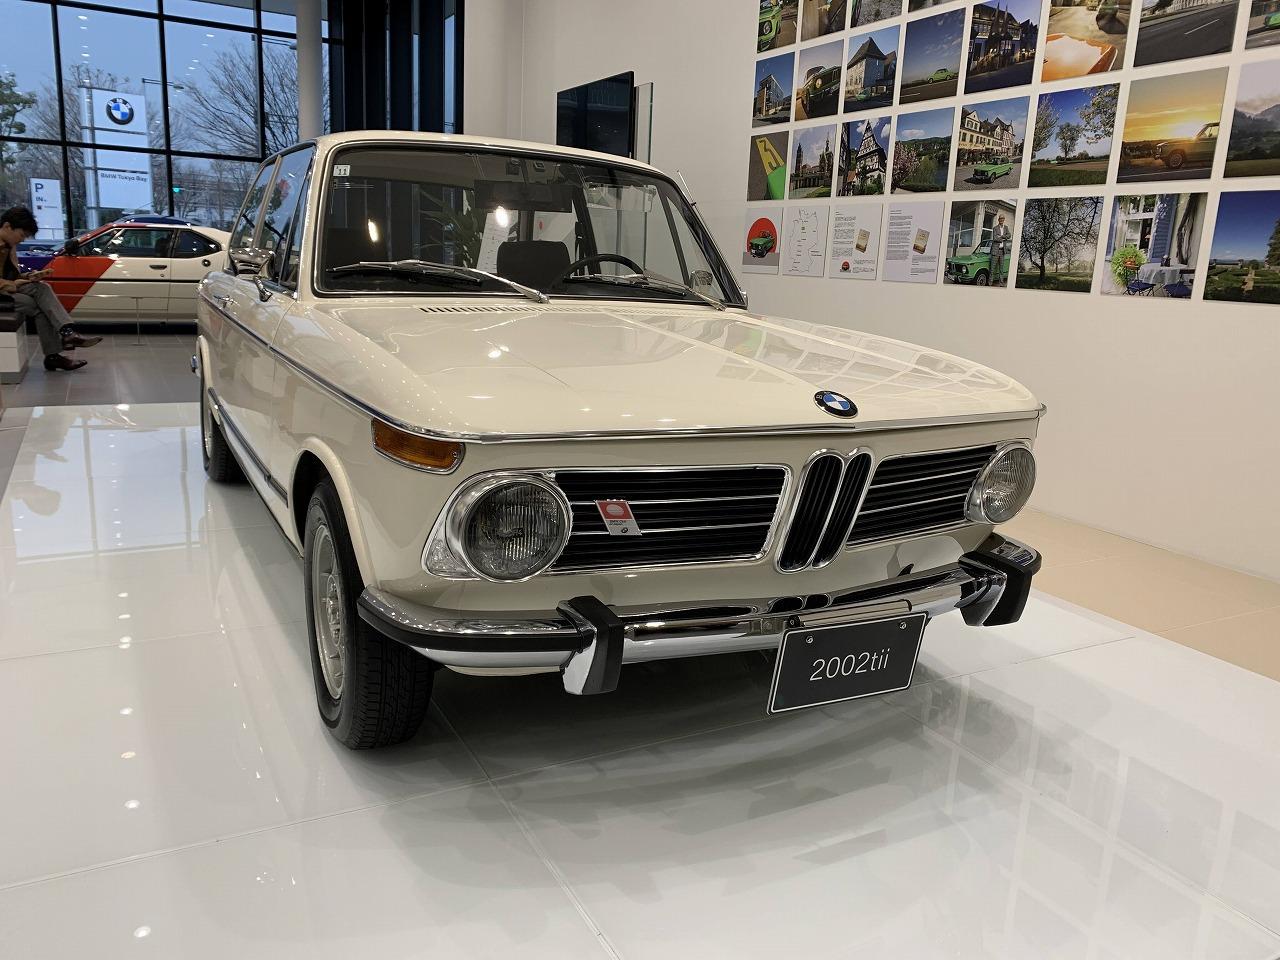 名車「マルニ」BMW 2002 tiiの展示車を見てきた^^